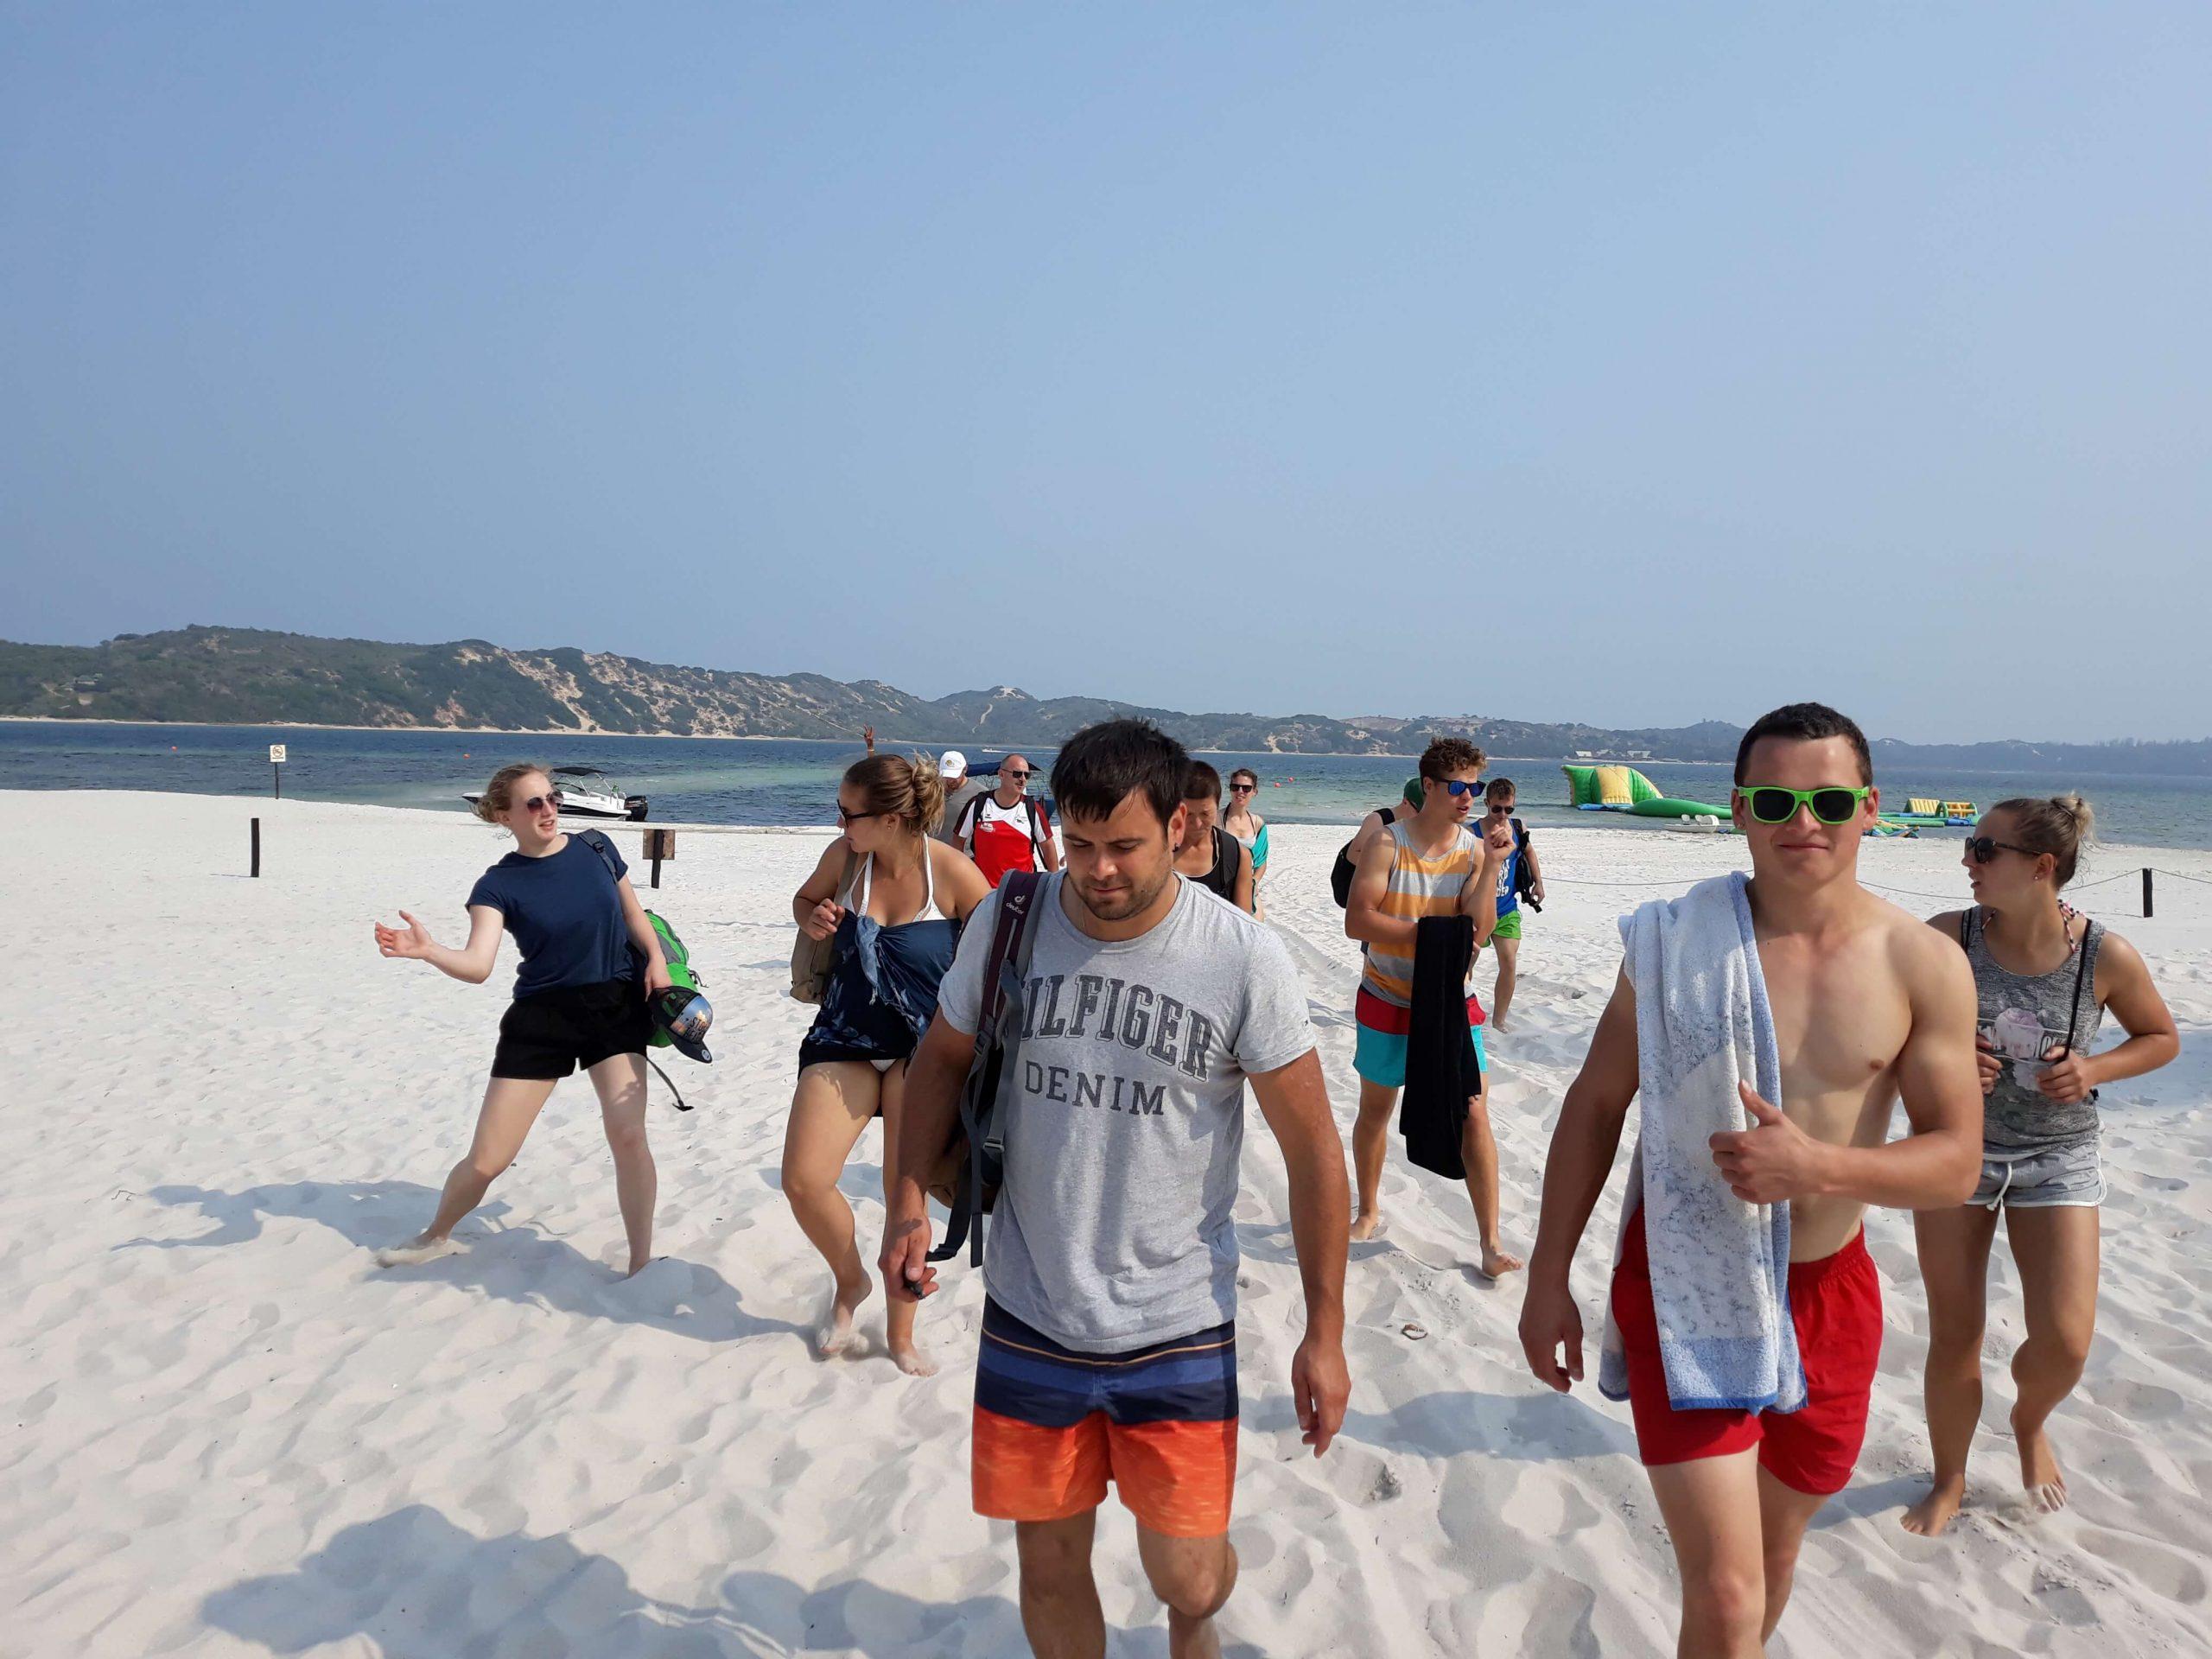 grupo de viajantes a sair da praia